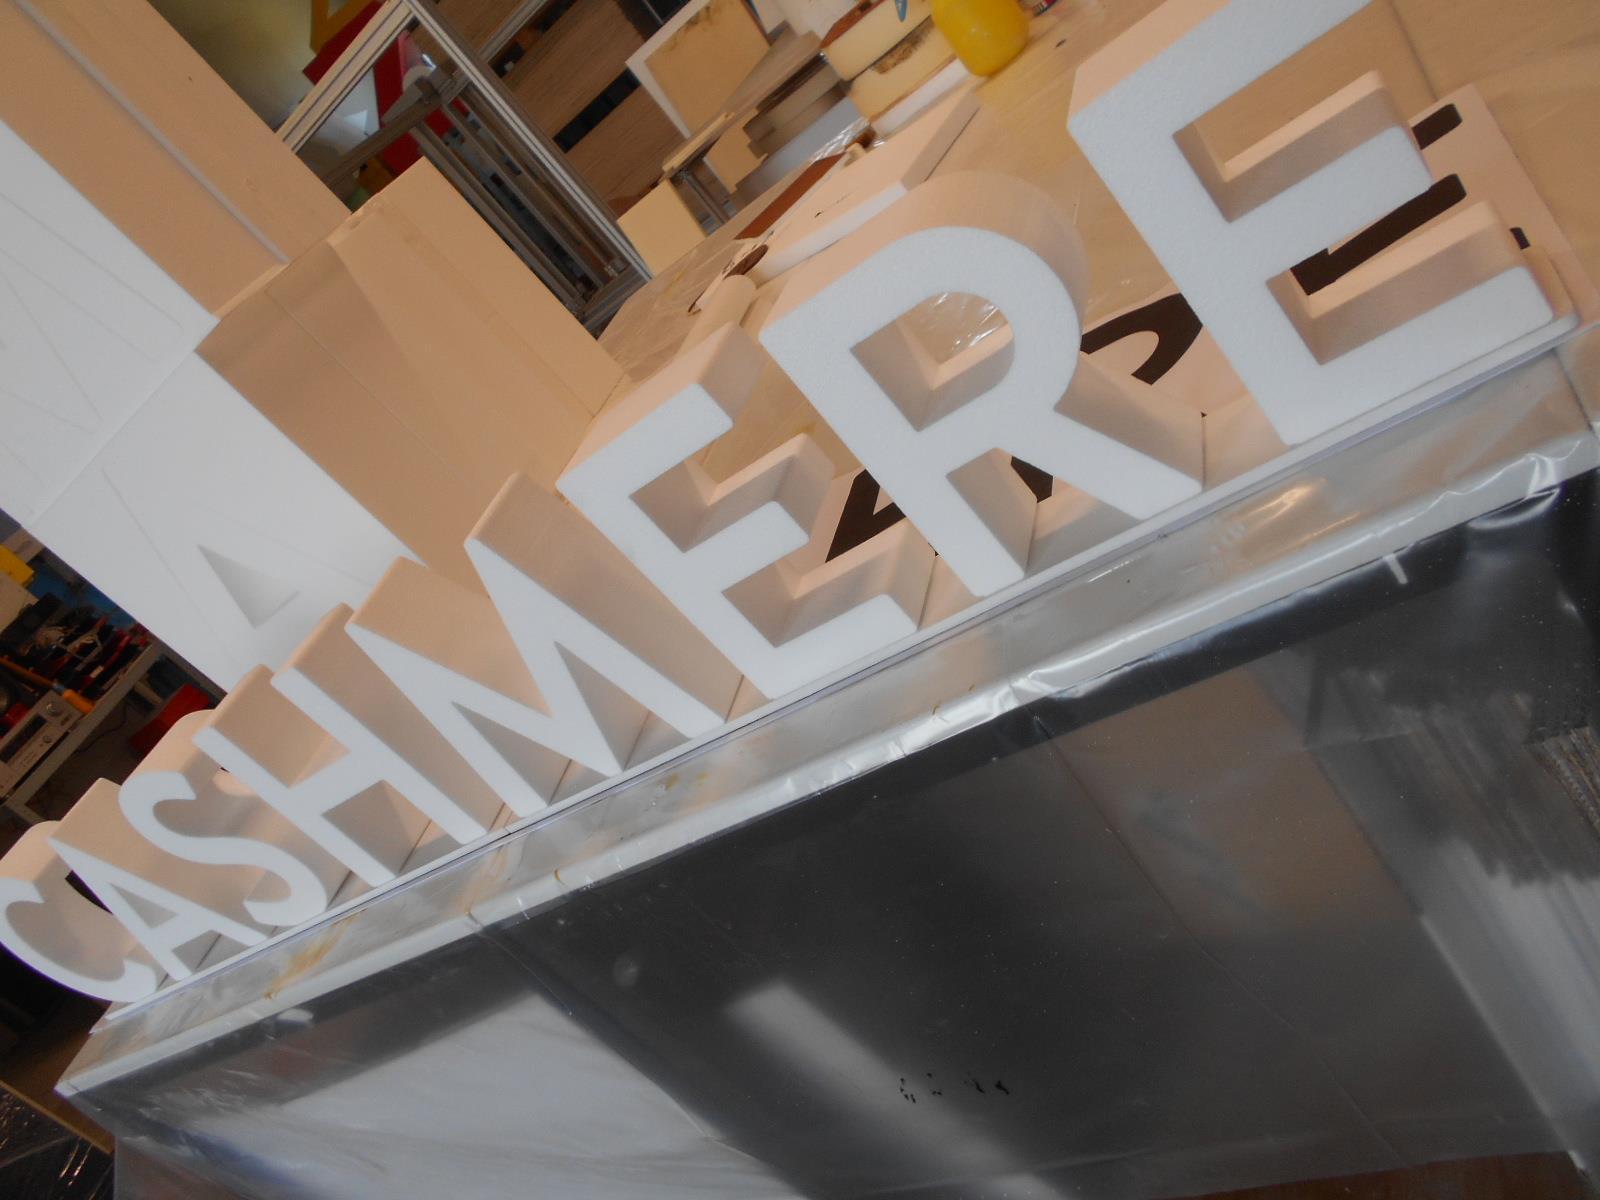 3D Objekte aus Styropor von den Profis für Styroporzuschnitte